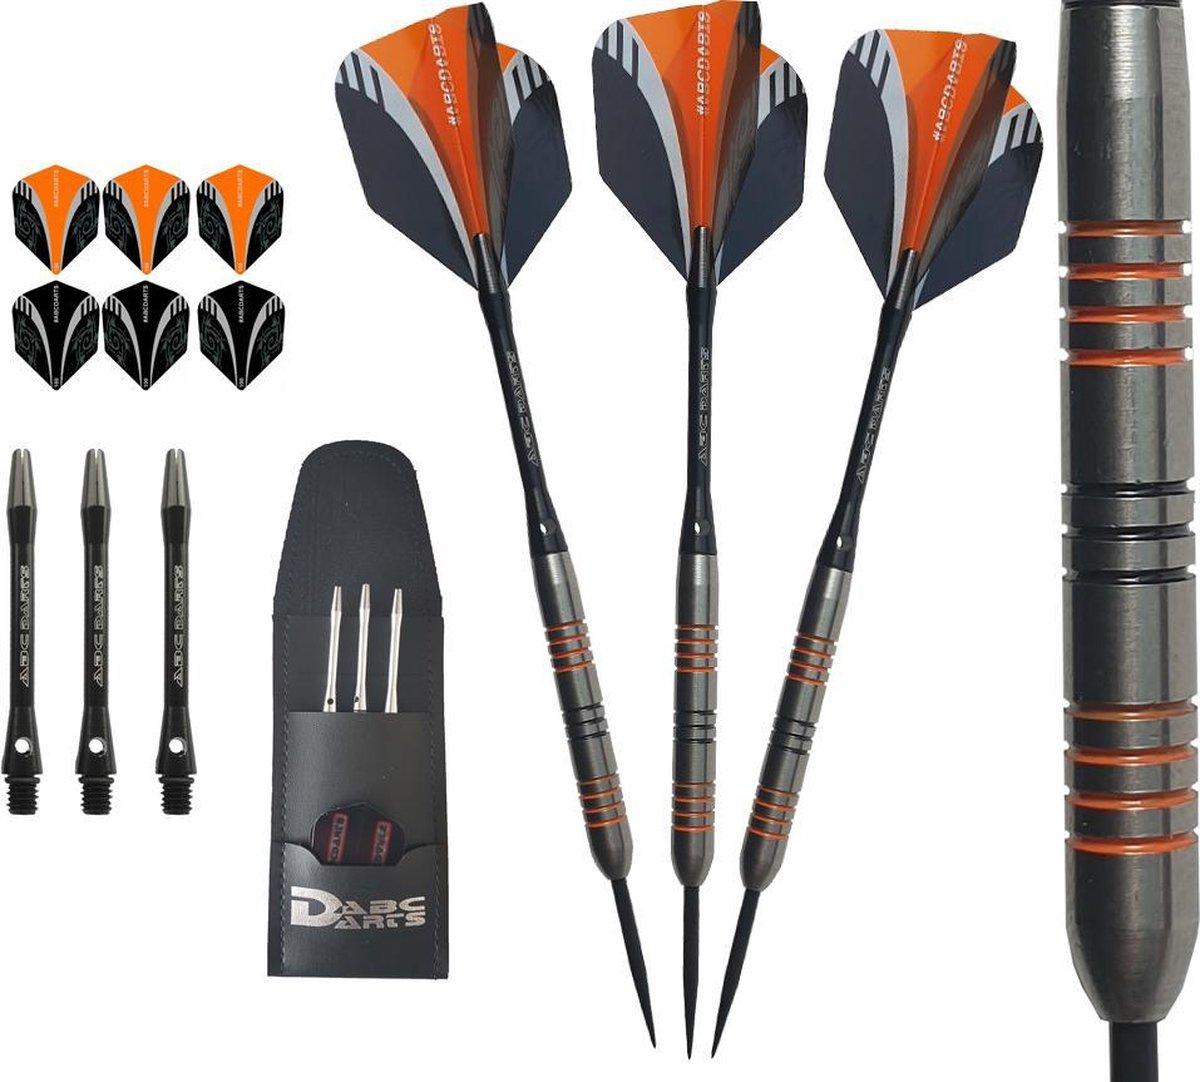 ABC Darts - 90% Tungsten HQ Dartpijlen - Orange Viper - 22 Gram